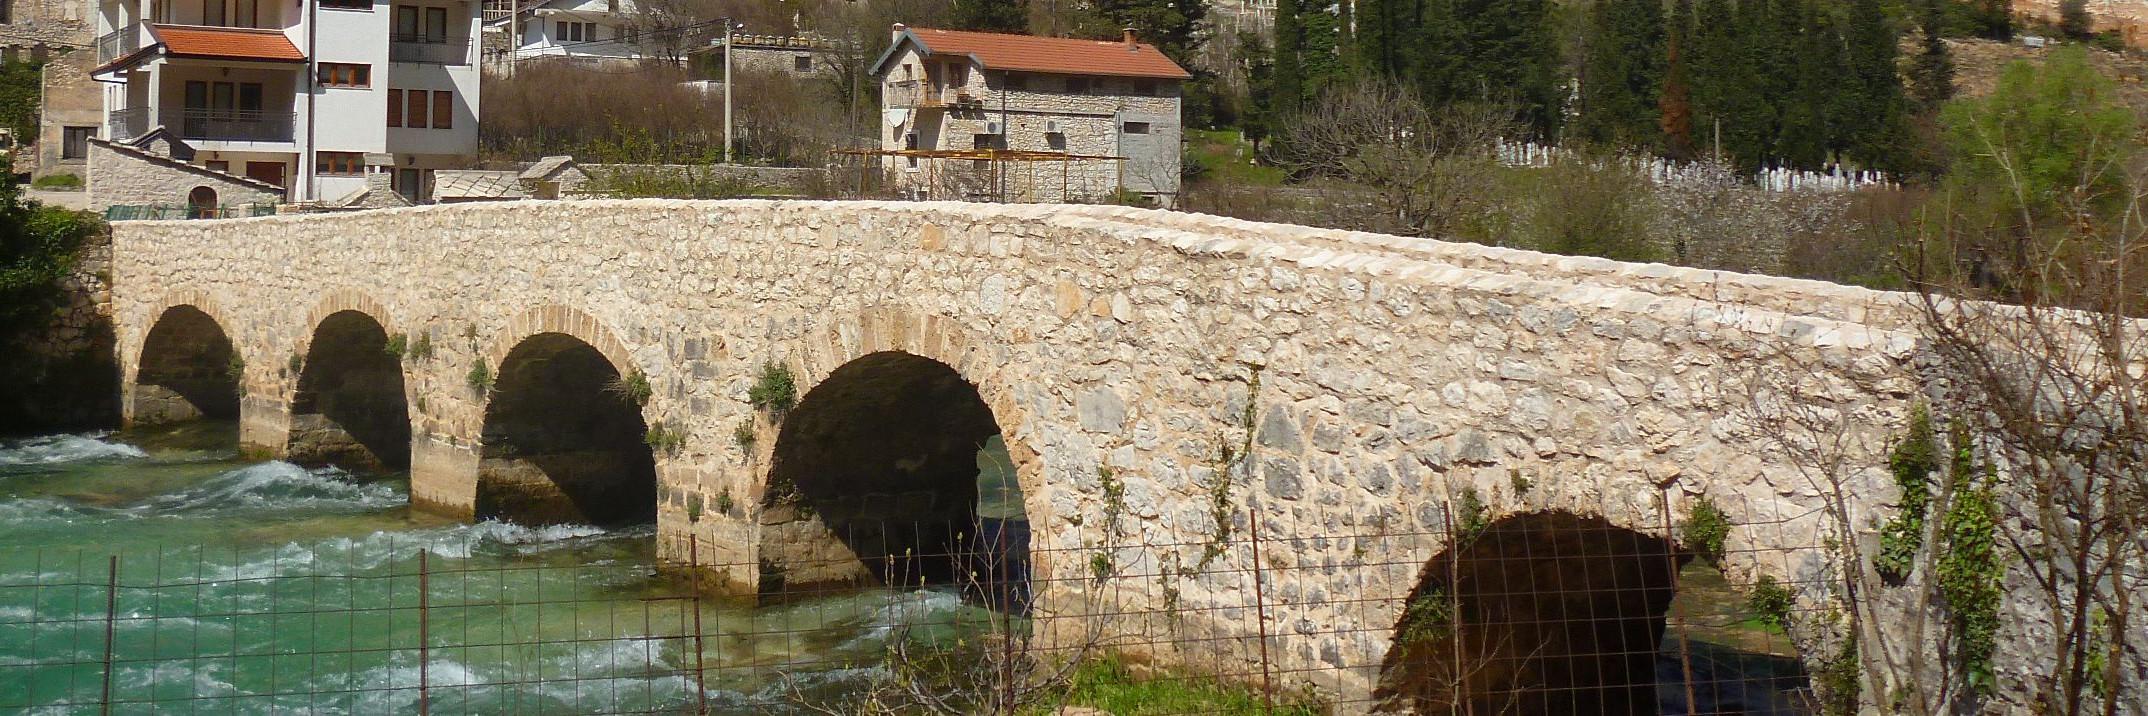 Мост в Беговине